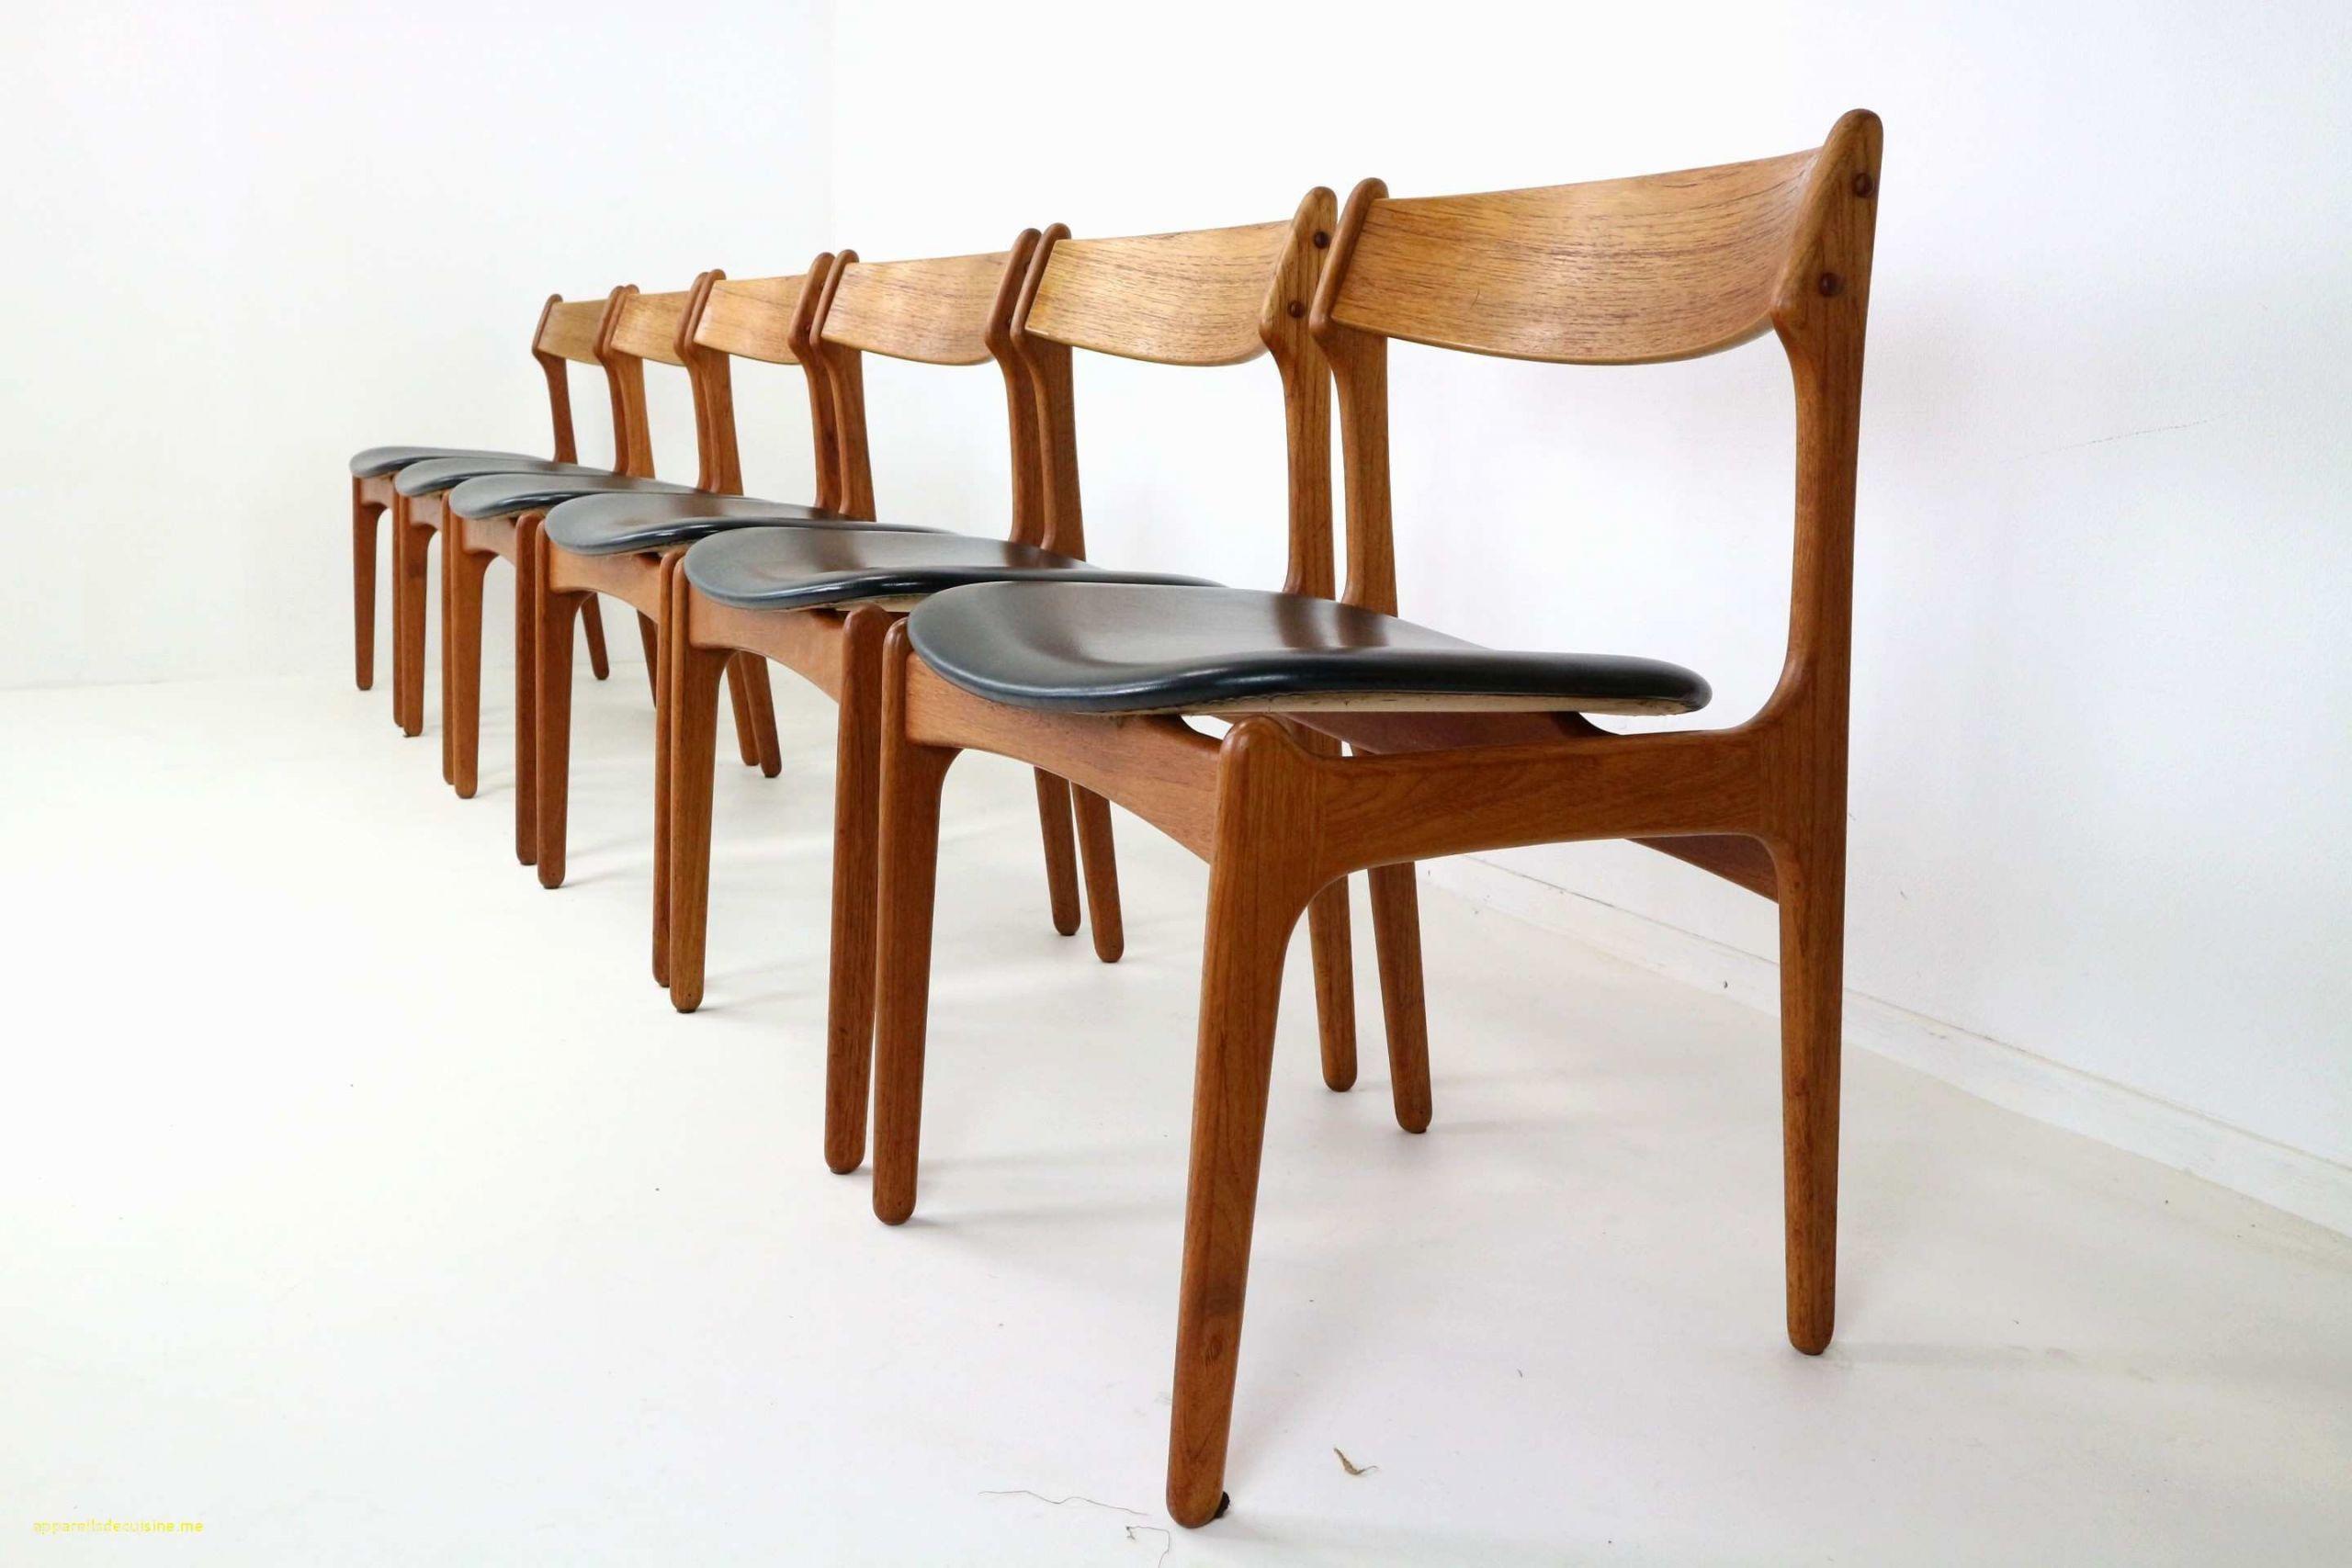 meuble bois et fer meuble en fer meuble etagere bois meuble en fer bel meuble fer frais of meuble bois et fer